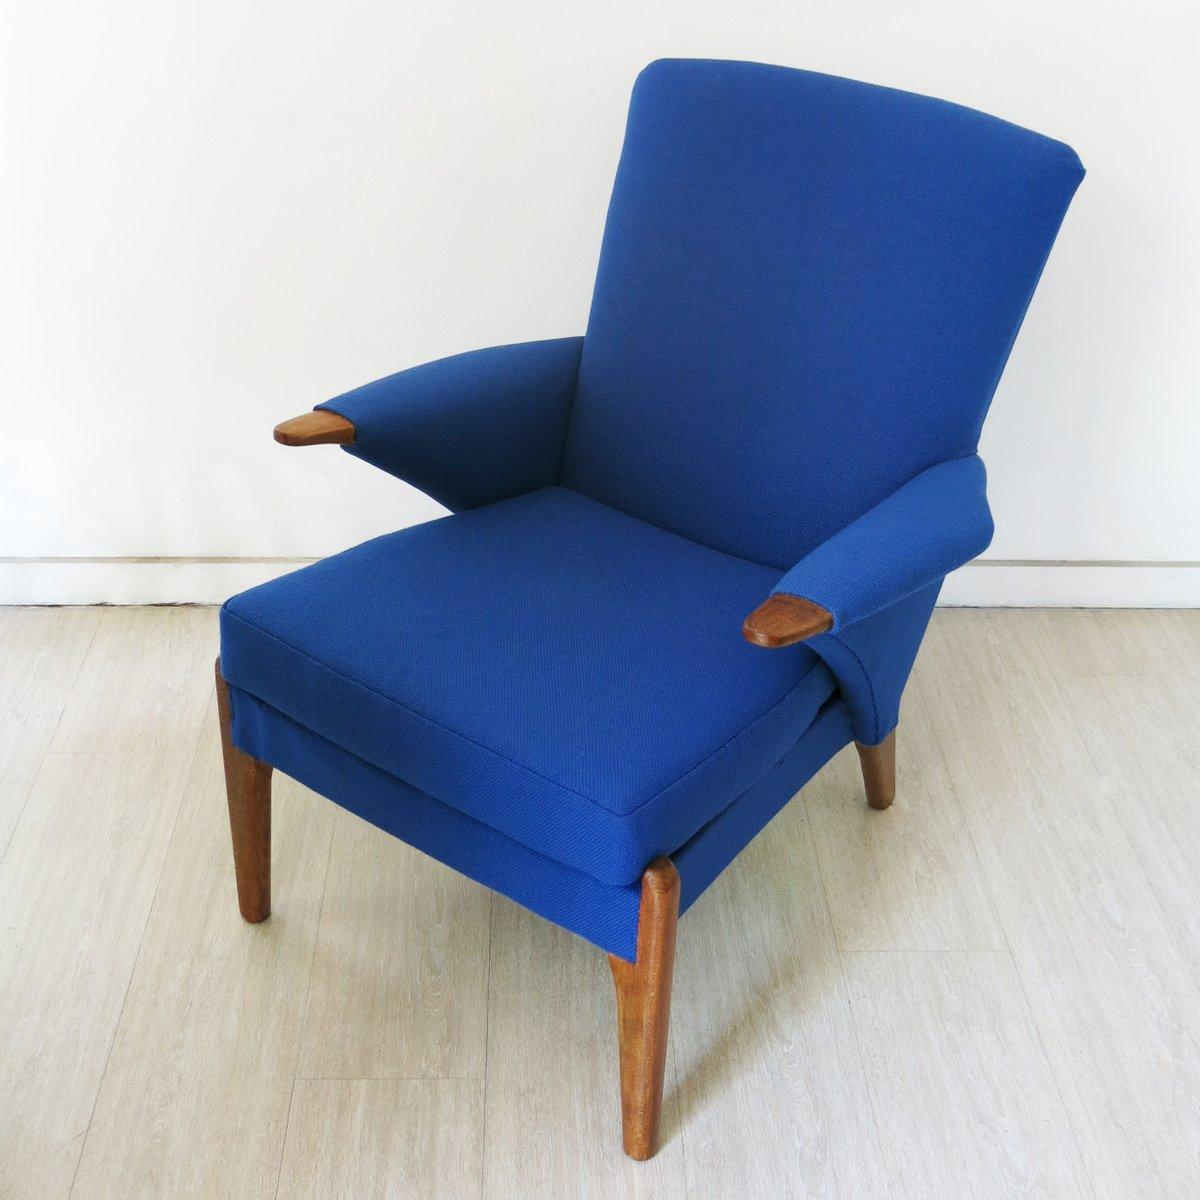 fauteuil vintage bleu de parker knoll angleterre 1960s en vente sur pamono. Black Bedroom Furniture Sets. Home Design Ideas